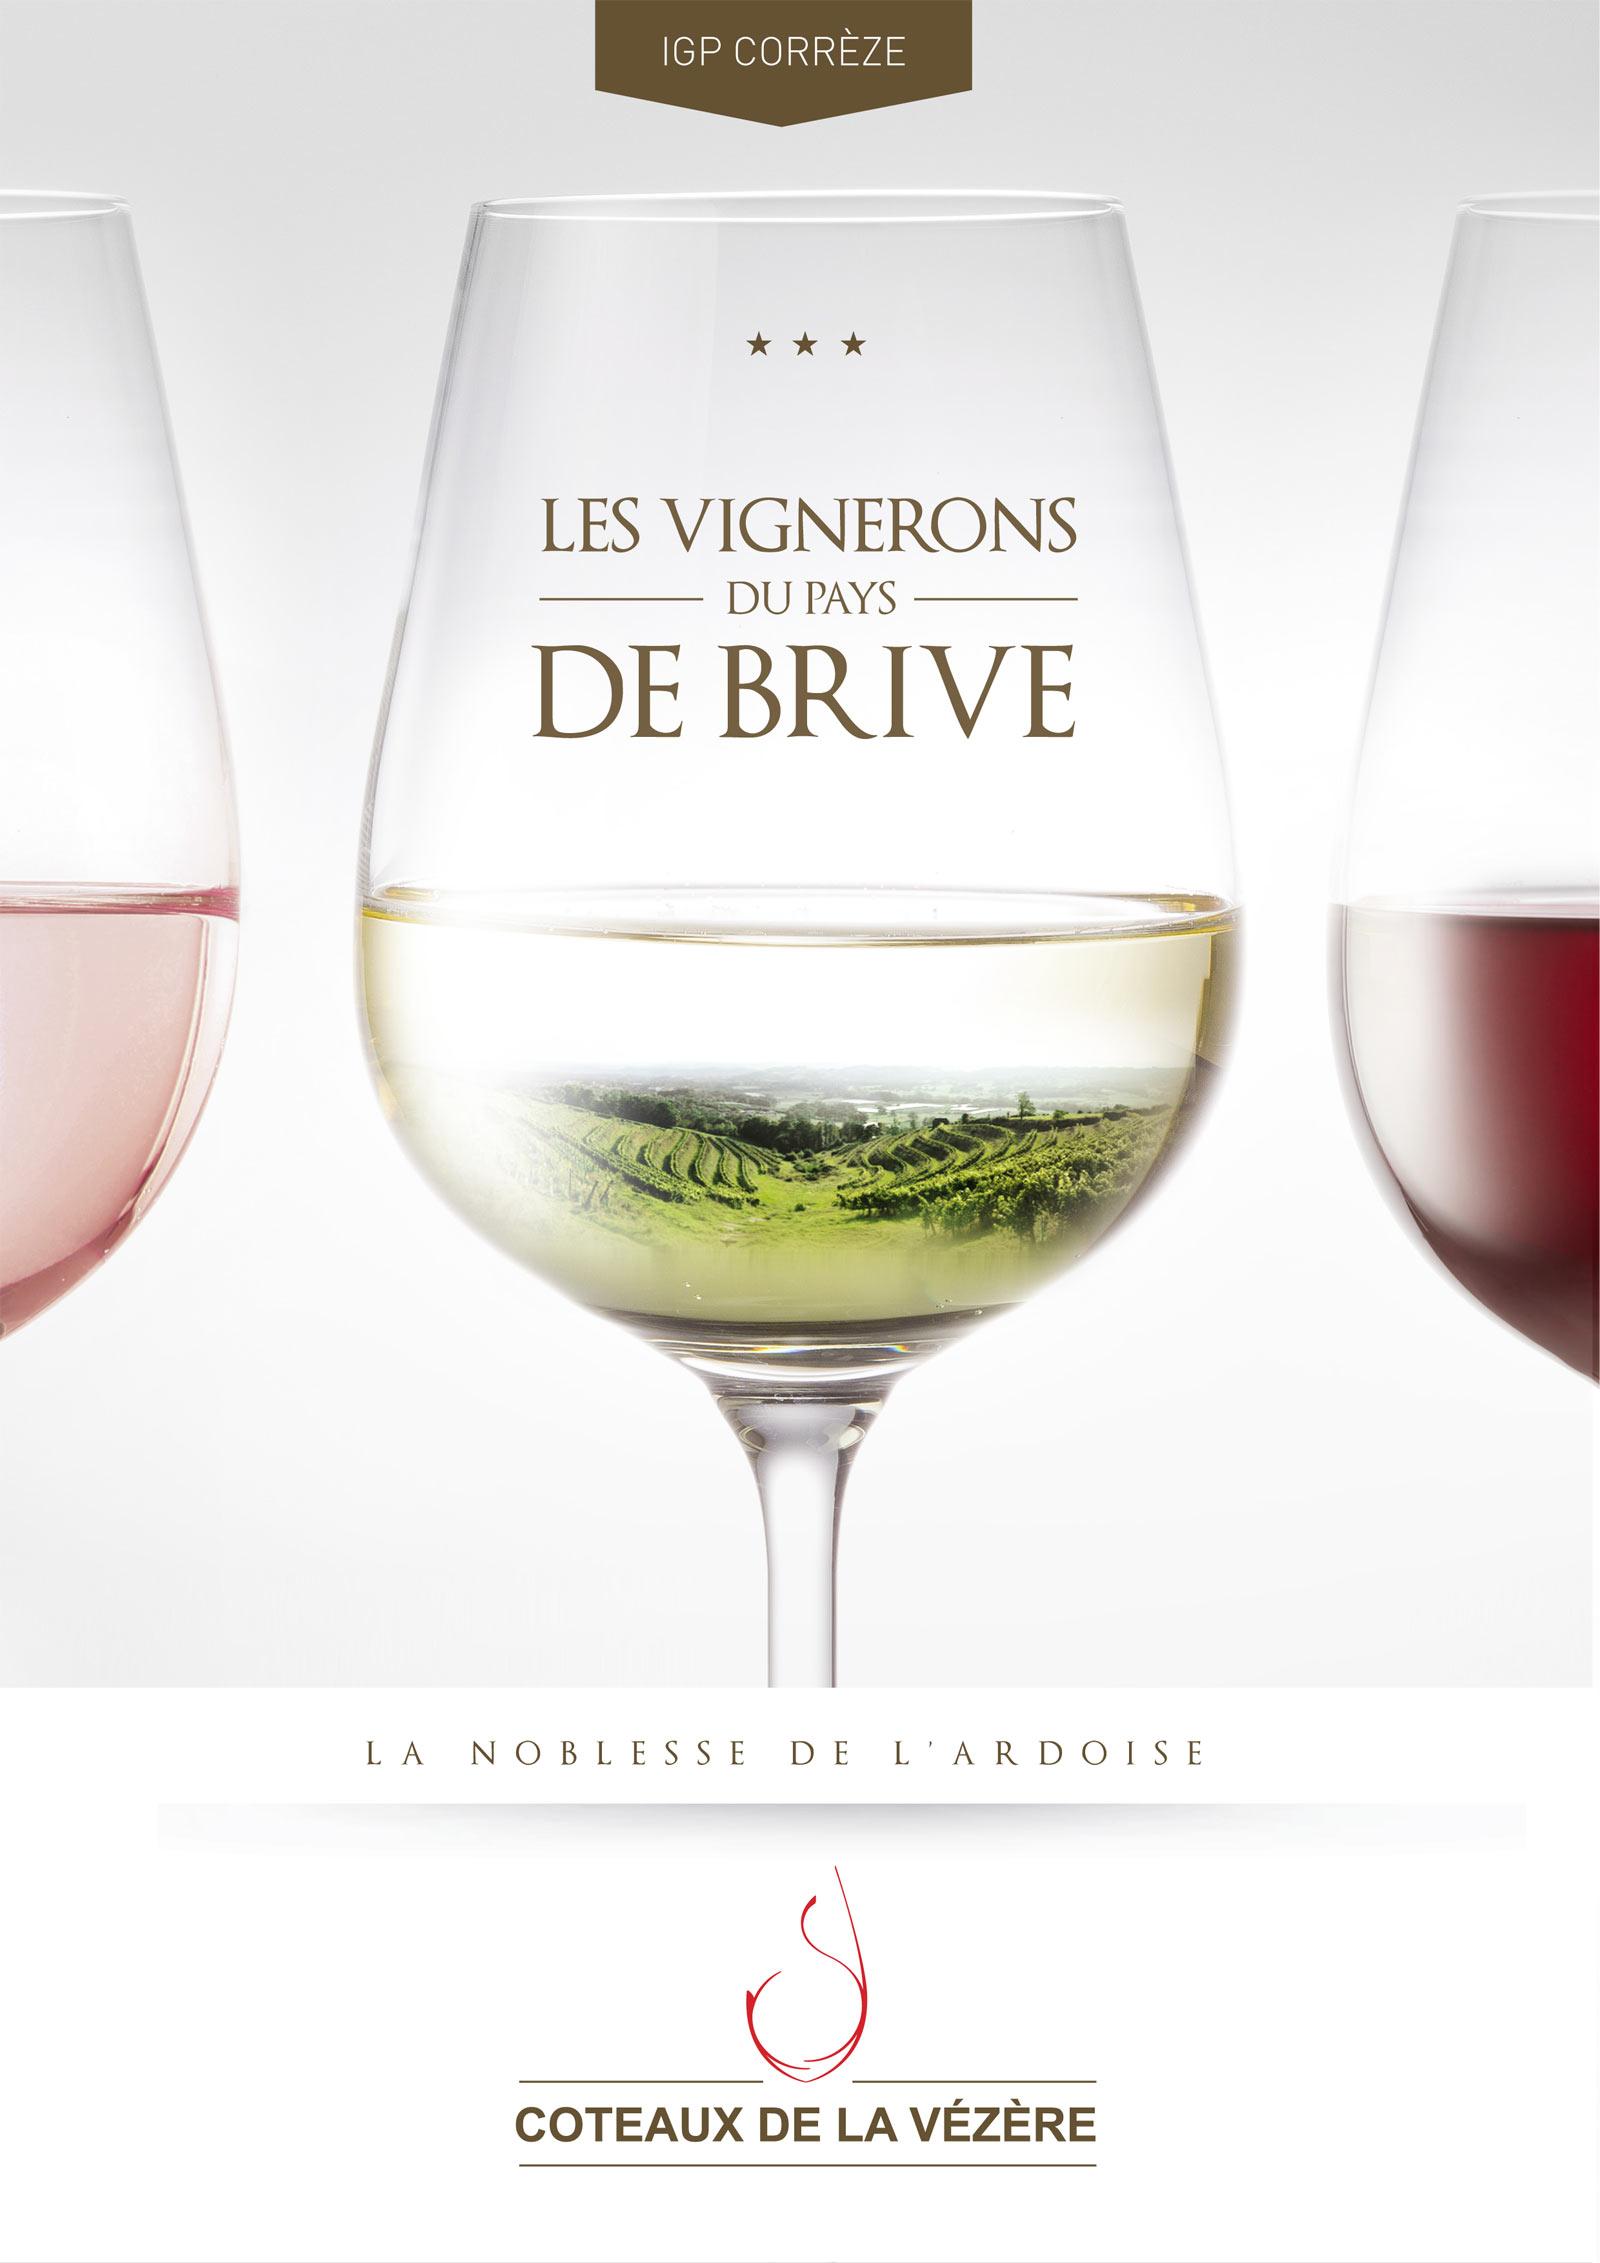 Réalisation Comevents - Coteaux de la Vézère - Plaquette - Une de couverture